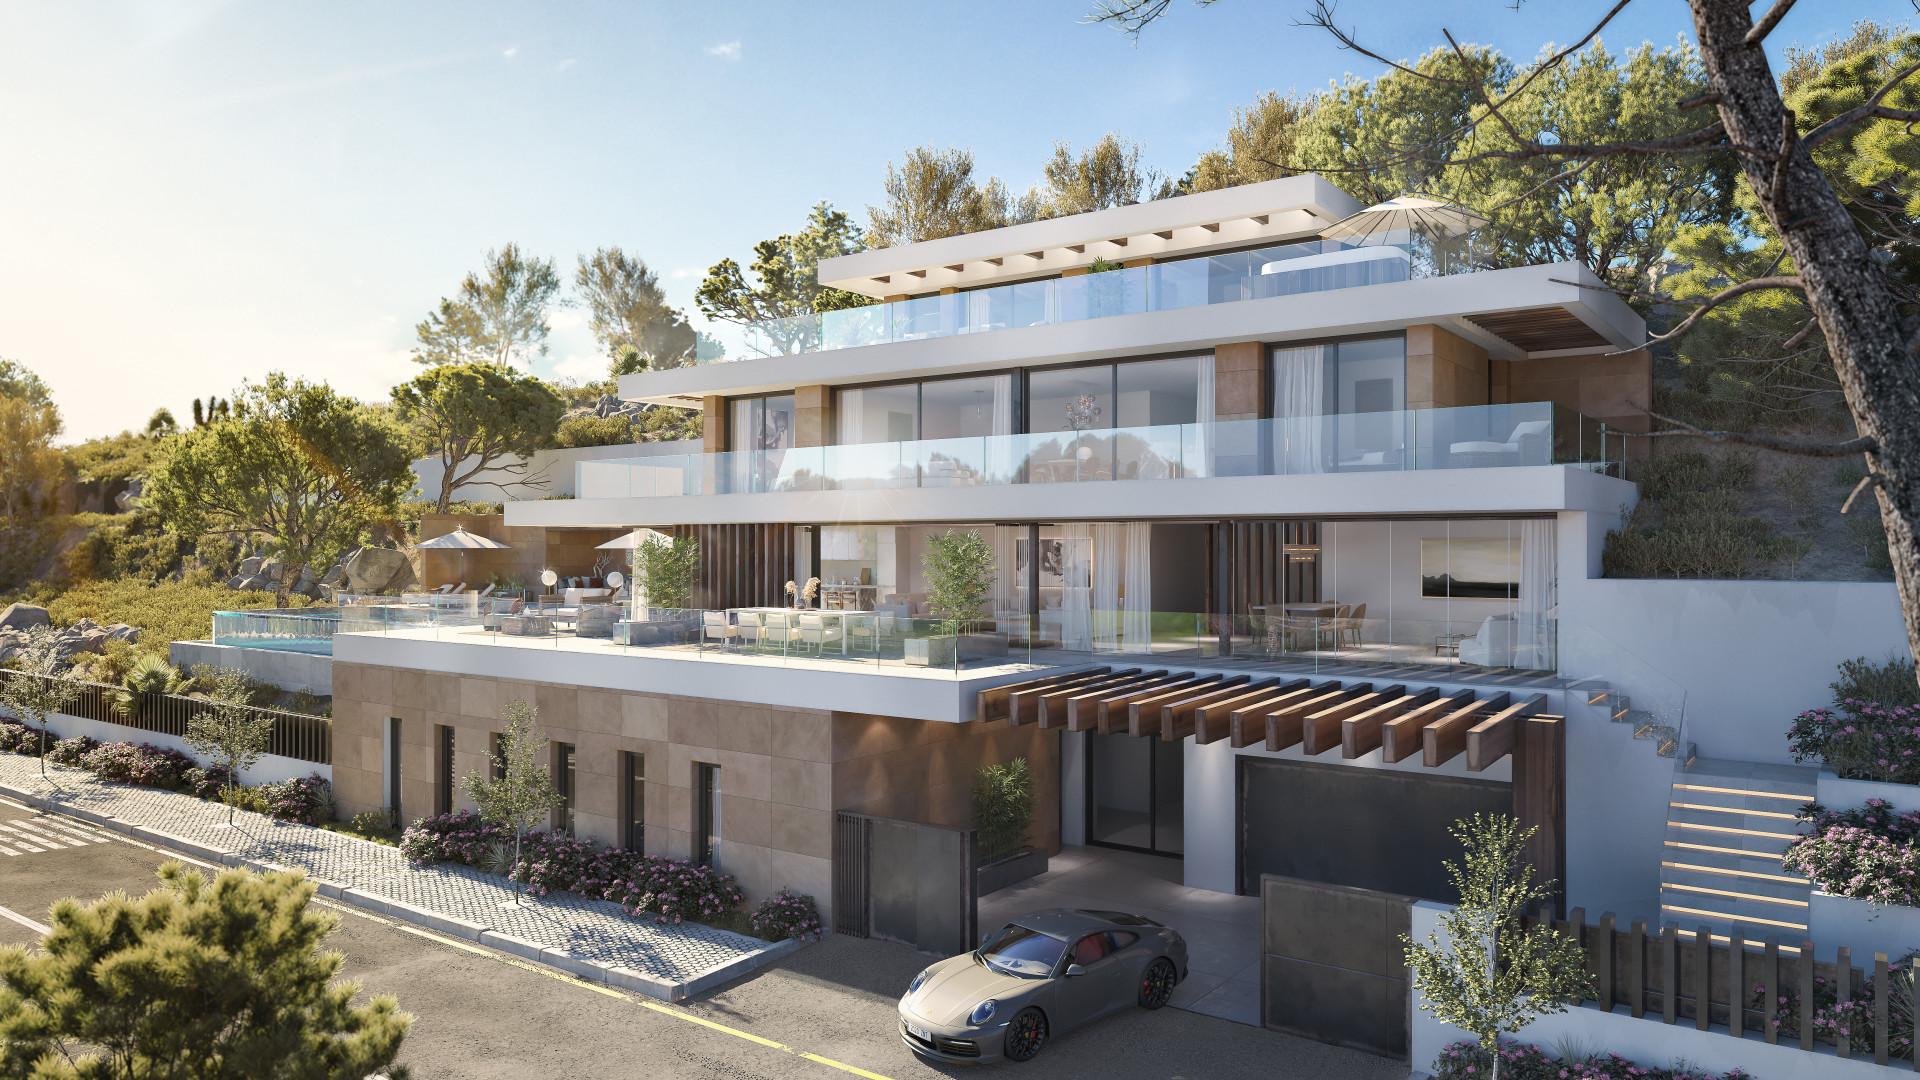 Nieuwbouw in Benahavis (Spanje, Costa del Sol)